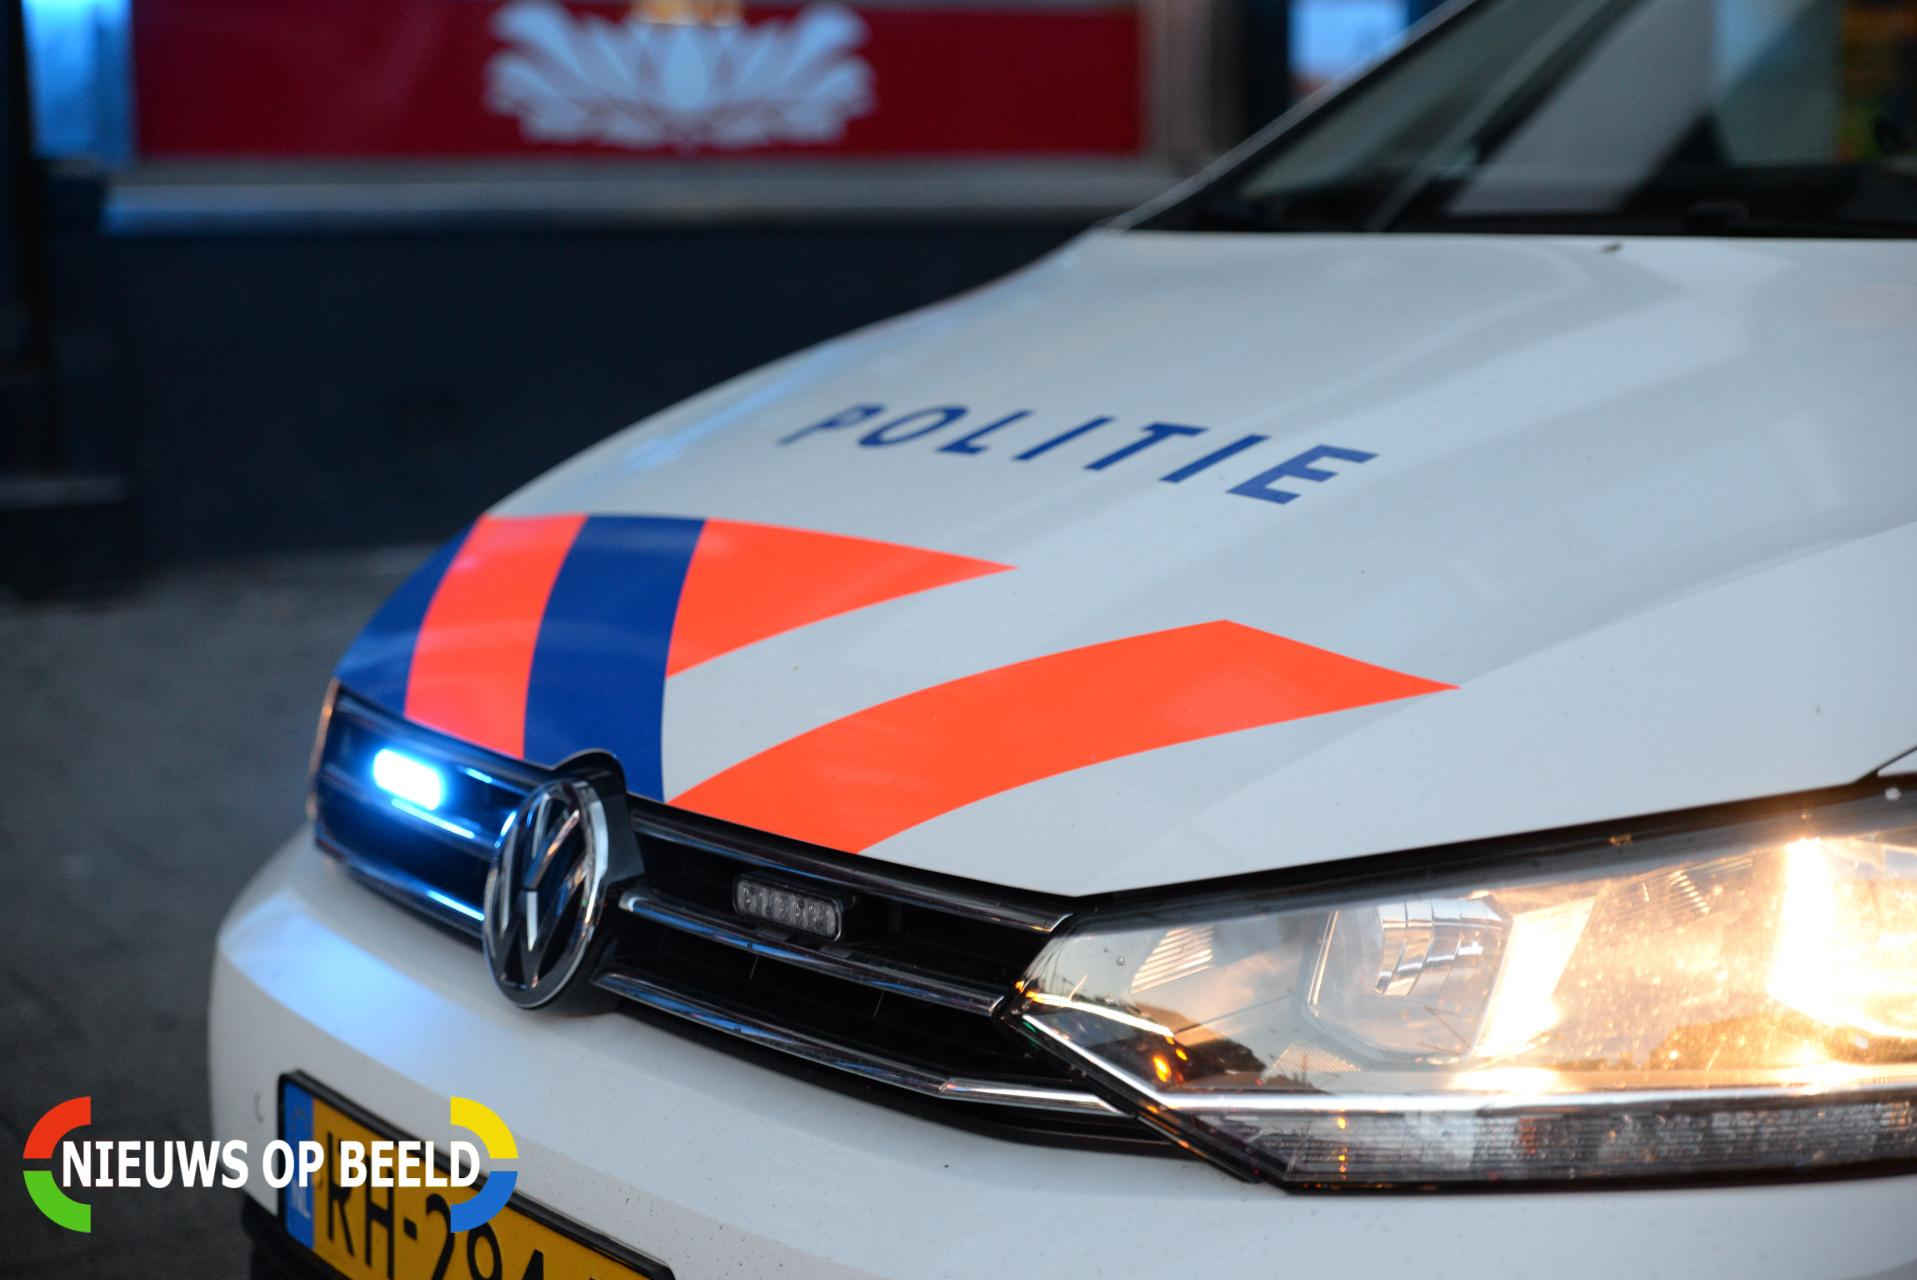 Twee verdachten aangehouden na drugsvondst in loods in Nieuwerkerk aan den IJssel